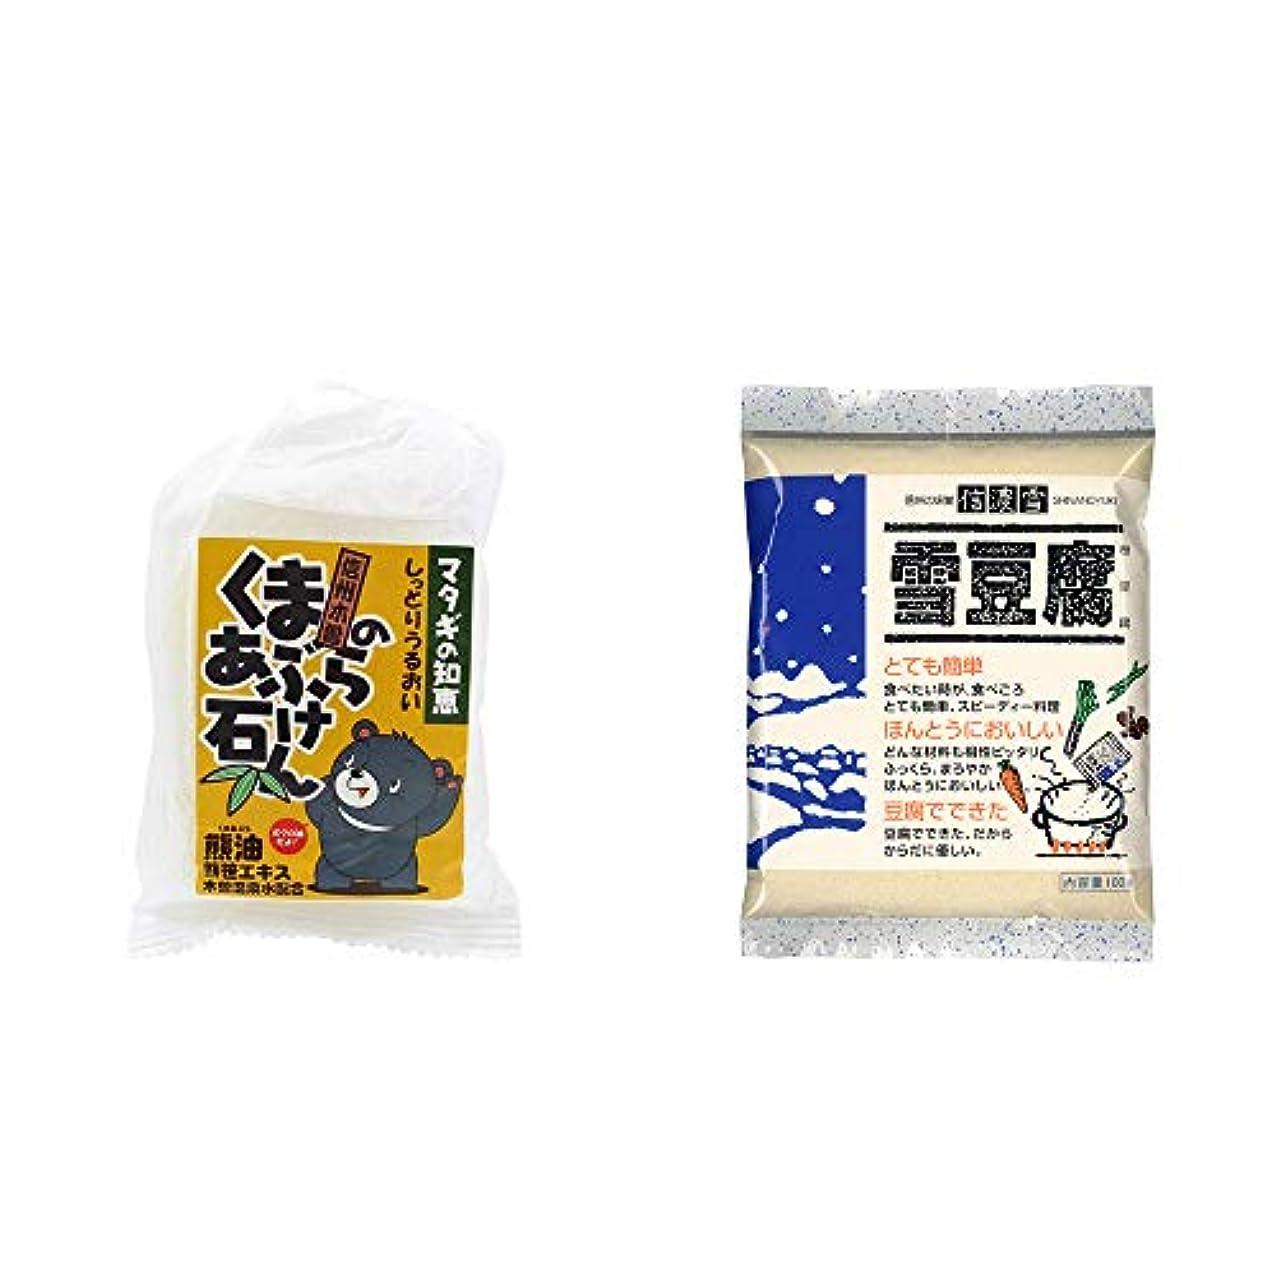 噴出するチョップ遅い[2点セット] 信州木曽 くまのあぶら石けん(80g)?信濃雪 雪豆腐(粉豆腐)(100g)